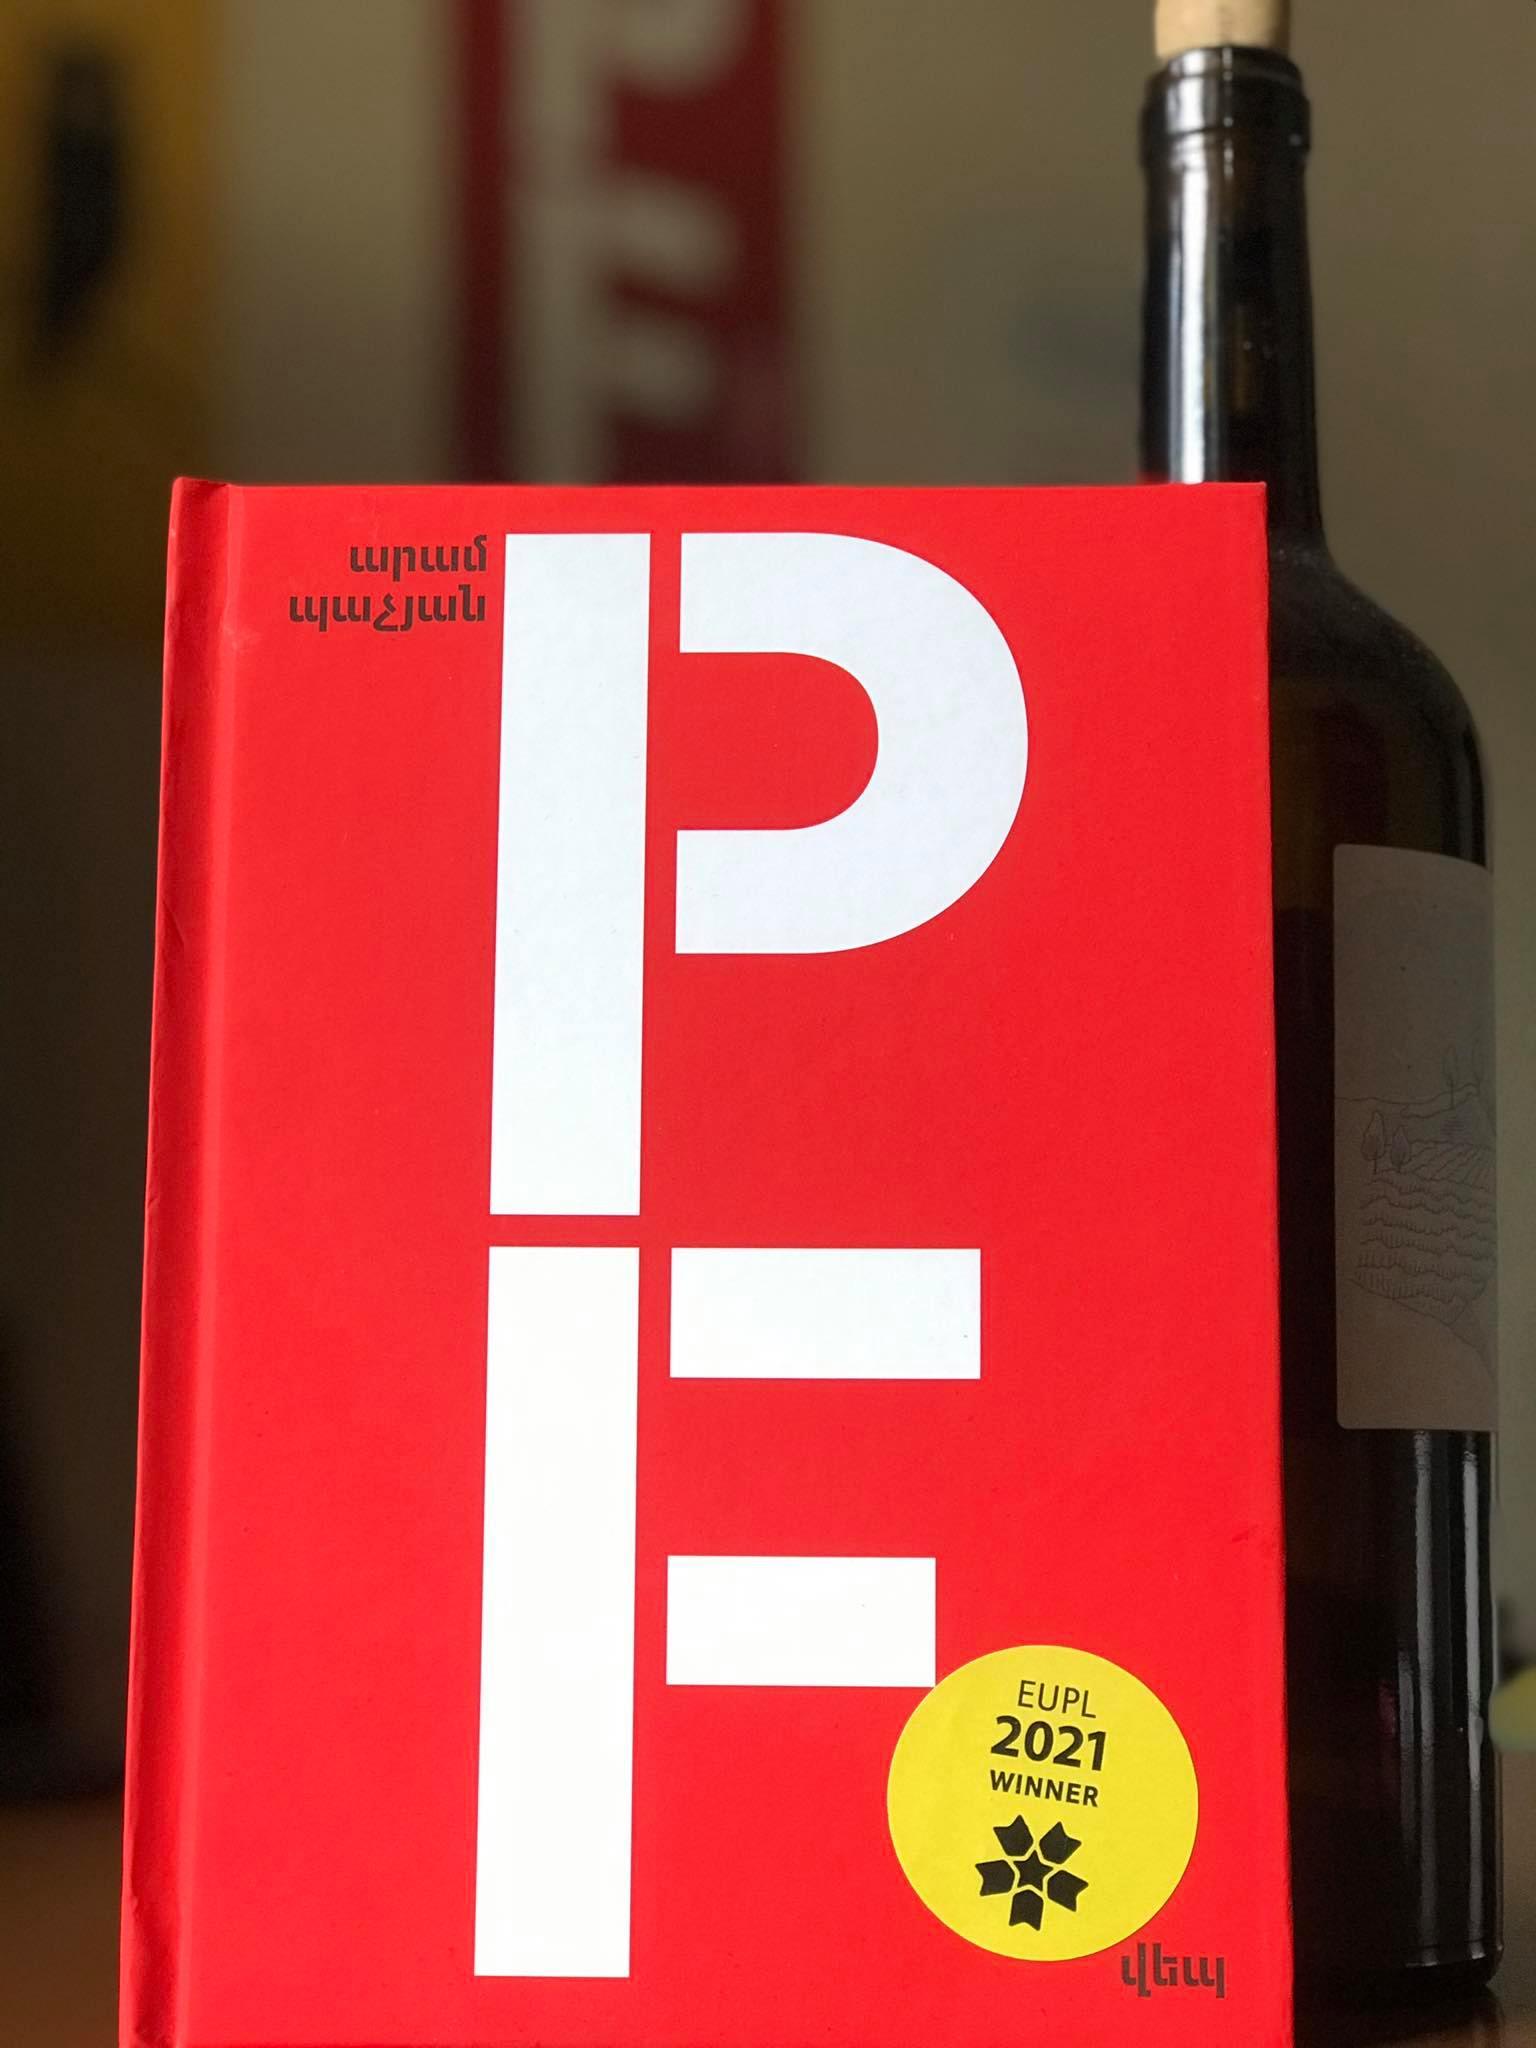 Արամ Պաչյանի «P/F»-ի ճանապարհը՝ շնորհանդեսից մինչև ԵՄ մրցանակ